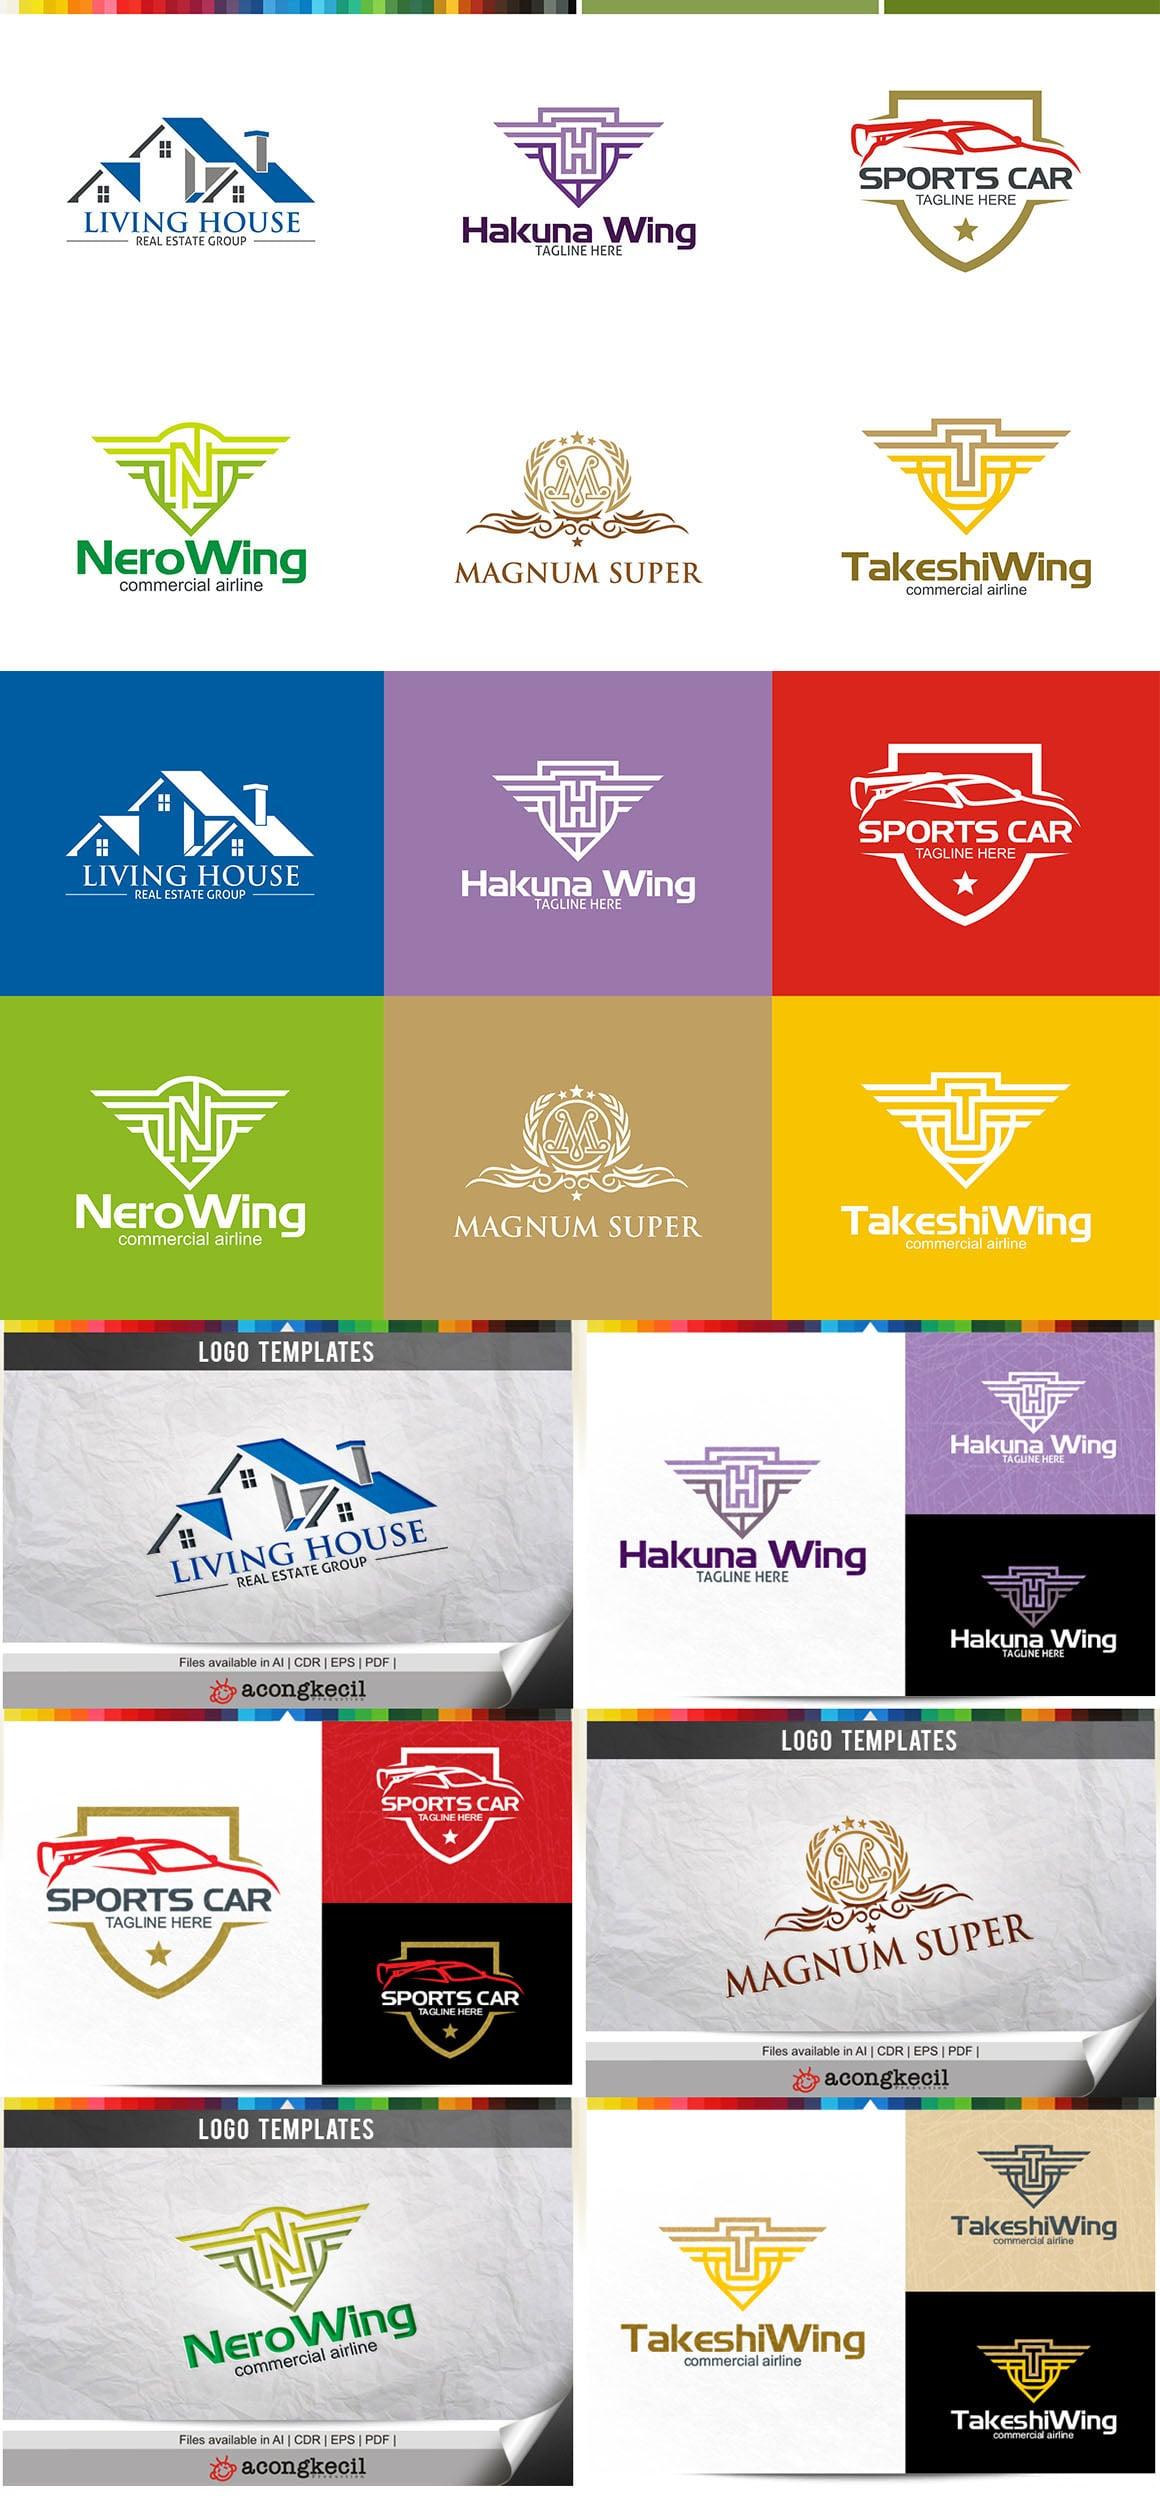 446 Business Logo Bundle - 99%+ OFF - Bundle 13 Preview5A